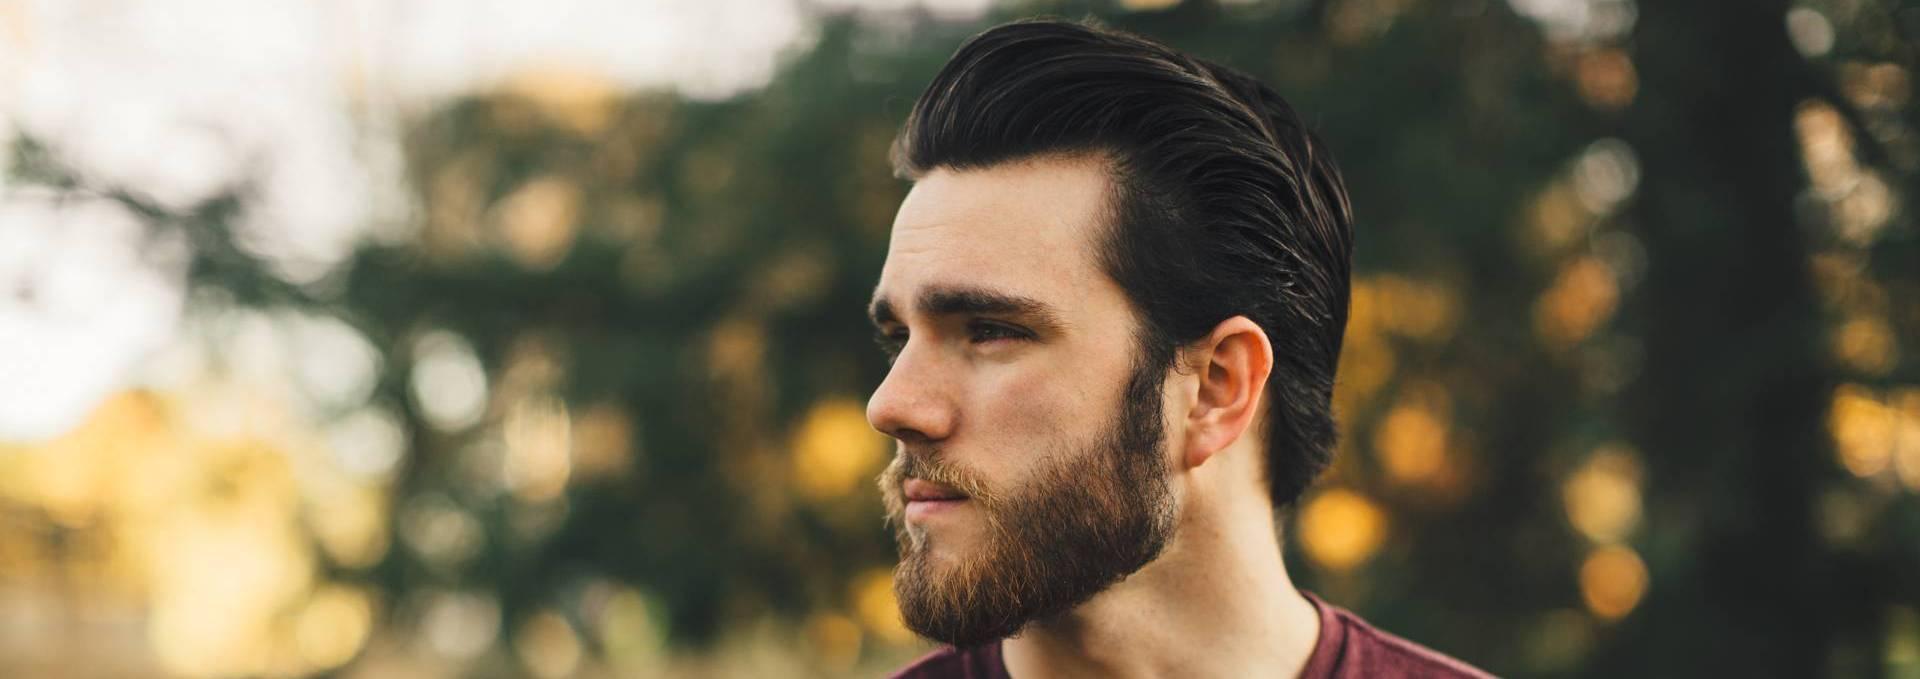 6 Frisuren Die Perfekt Zu Deinem Vollbart Passen Gentsbible De